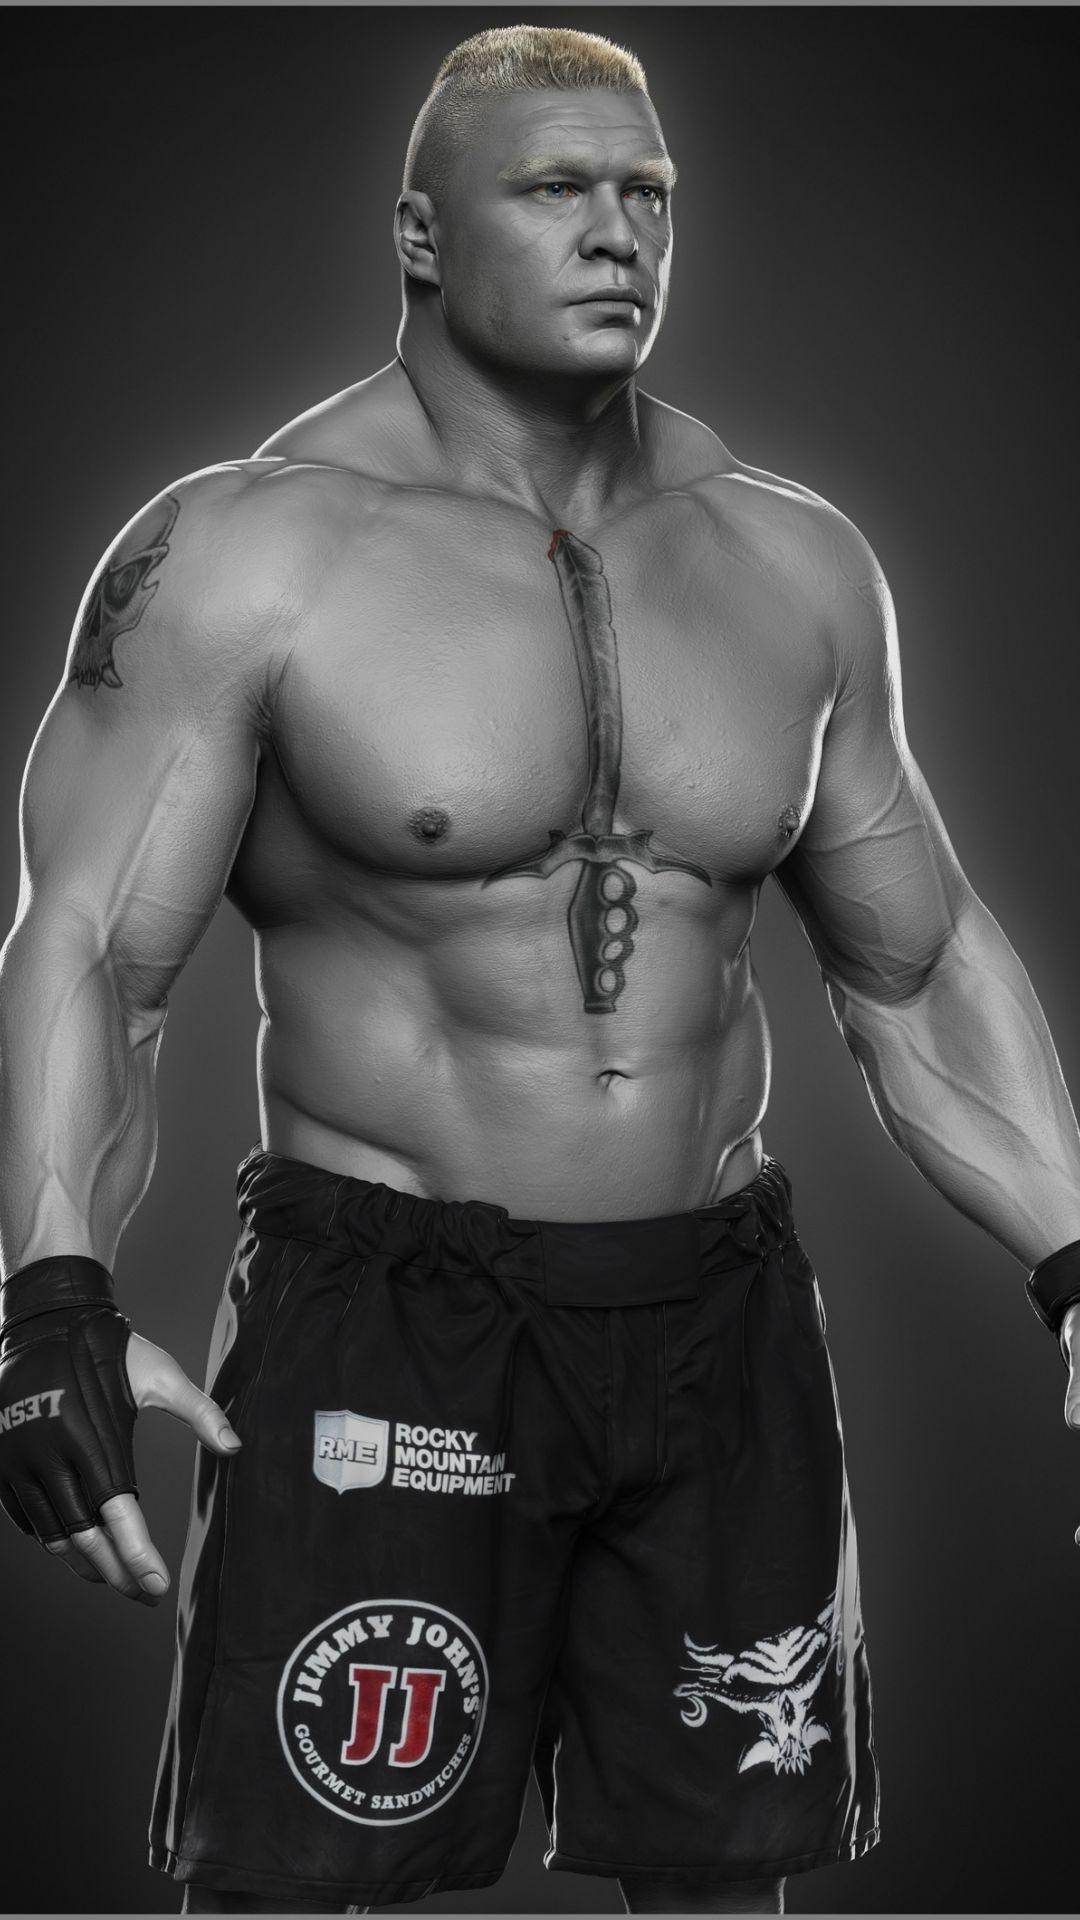 Brock Lesnar Wwe Wallpaper Android In 2020 Brock Lesnar Brock Lesnar Wwe Wwe Wallpapers